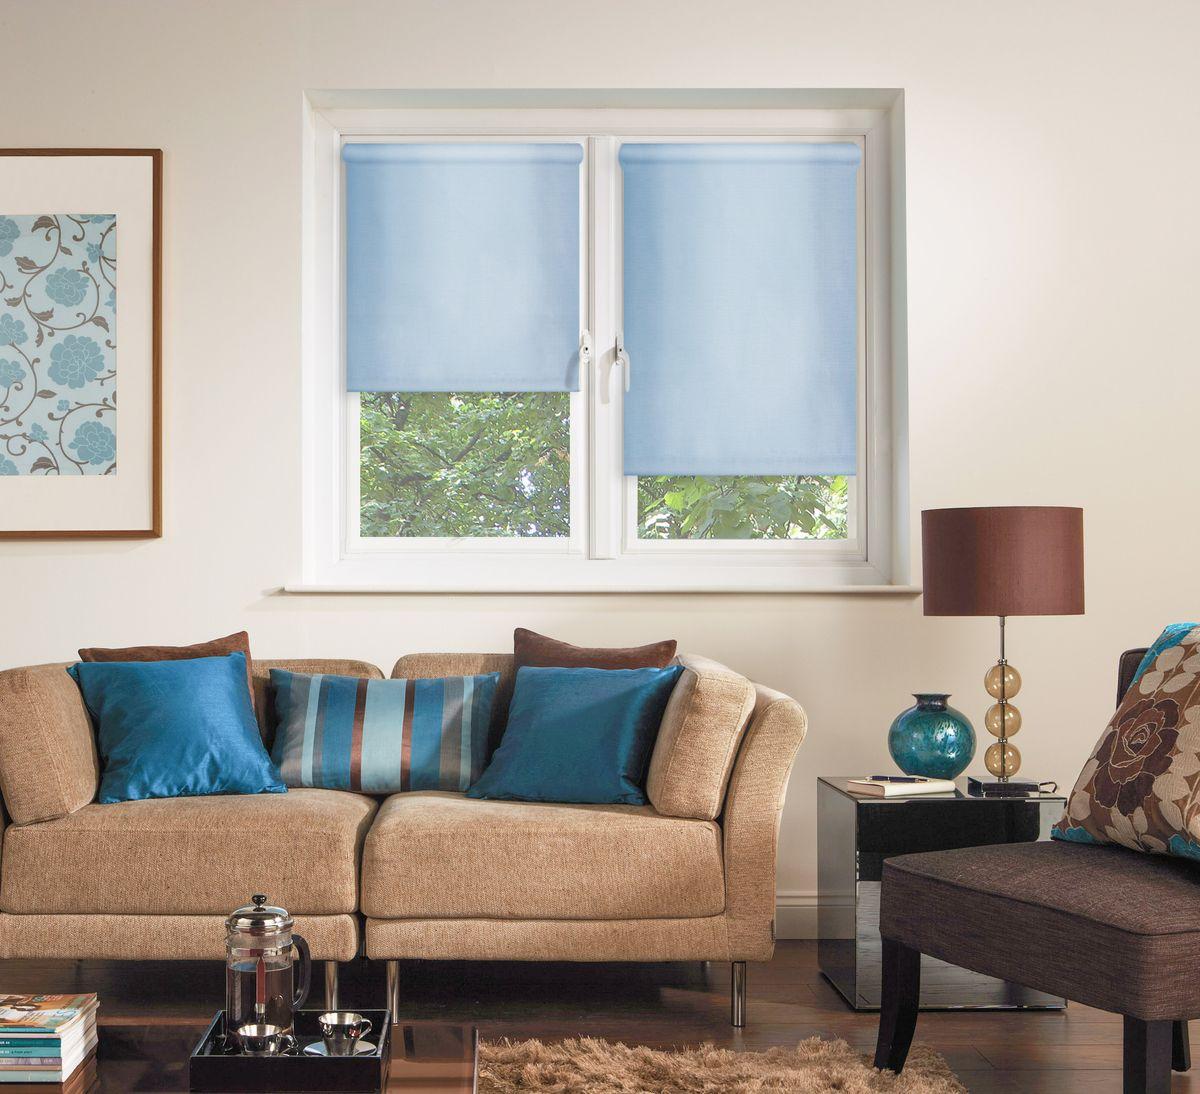 Штора рулонная Эскар Миниролло, цвет: голубой, ширина 83 см, высота 170 см31005083170Рулонная штора Эскар Миниролло выполнена из высокопрочной ткани, которая сохраняет свой размер даже при намокании. Ткань не выцветает и обладает отличной цветоустойчивостью.Миниролло - это подвид рулонных штор, который закрывает не весь оконный проем, а непосредственно само стекло. Такие шторы крепятся на раму без сверления при помощи зажимов или клейкой двухсторонней ленты (в комплекте). Окно остается на гарантии, благодаря монтажу без сверления. Такая штора станет прекрасным элементом декора окна и гармонично впишется в интерьер любого помещения.